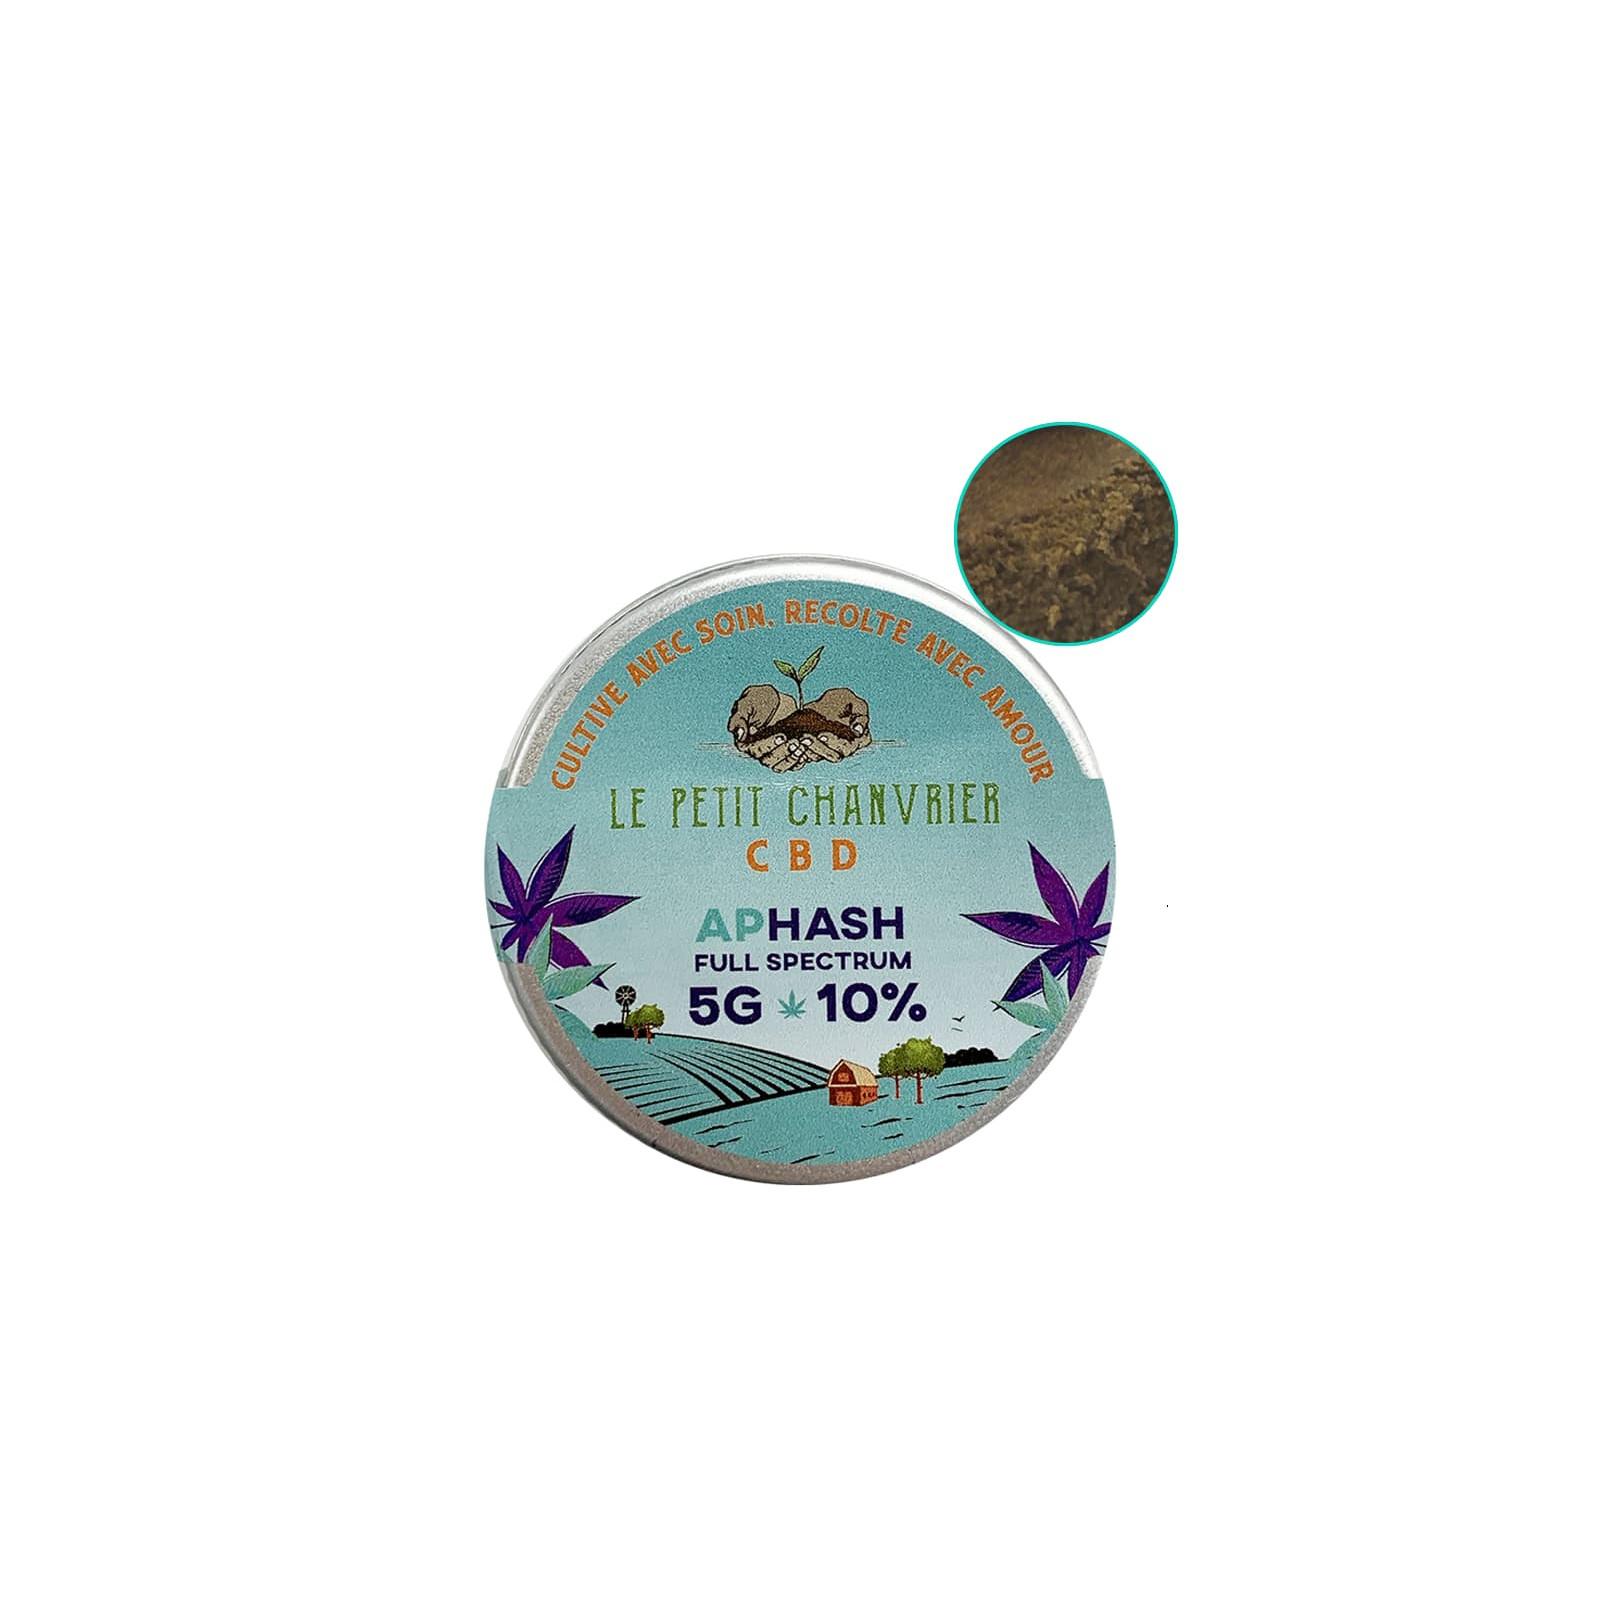 Aphash CBD Solide 10% - Le Petit Chanvrier